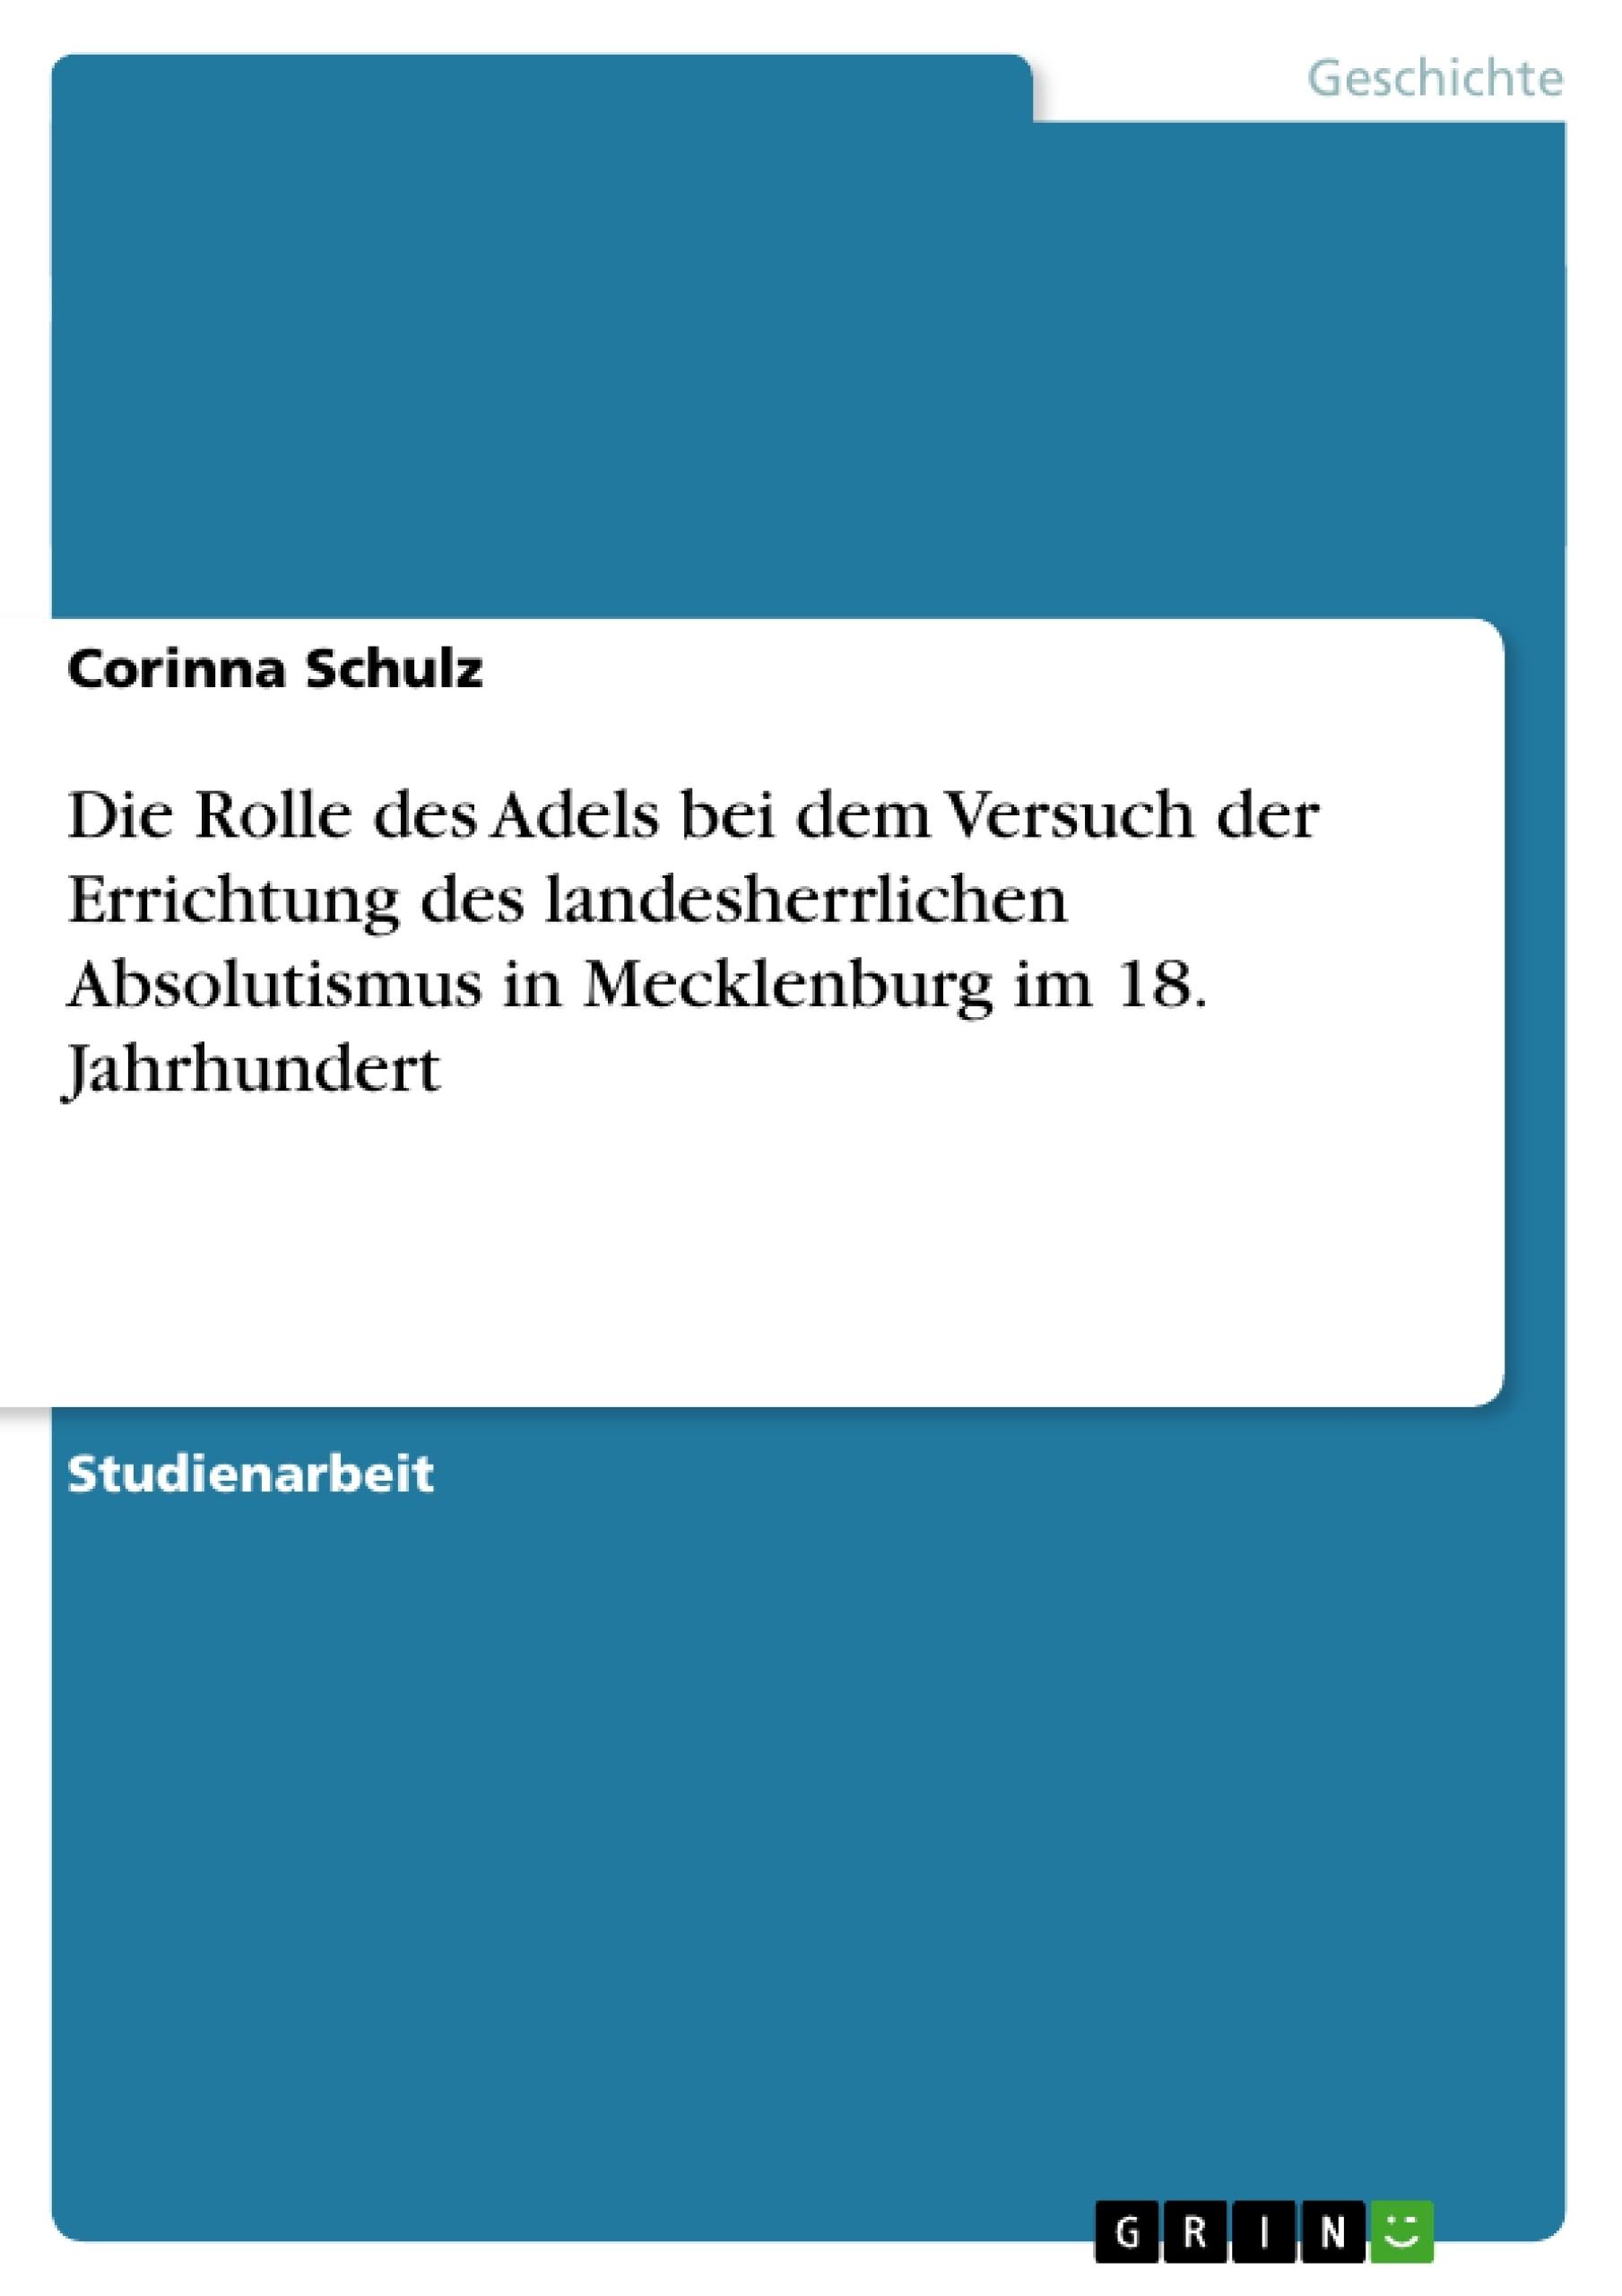 Titel: Die Rolle des Adels bei dem Versuch der Errichtung des landesherrlichen Absolutismus in Mecklenburg im 18. Jahrhundert